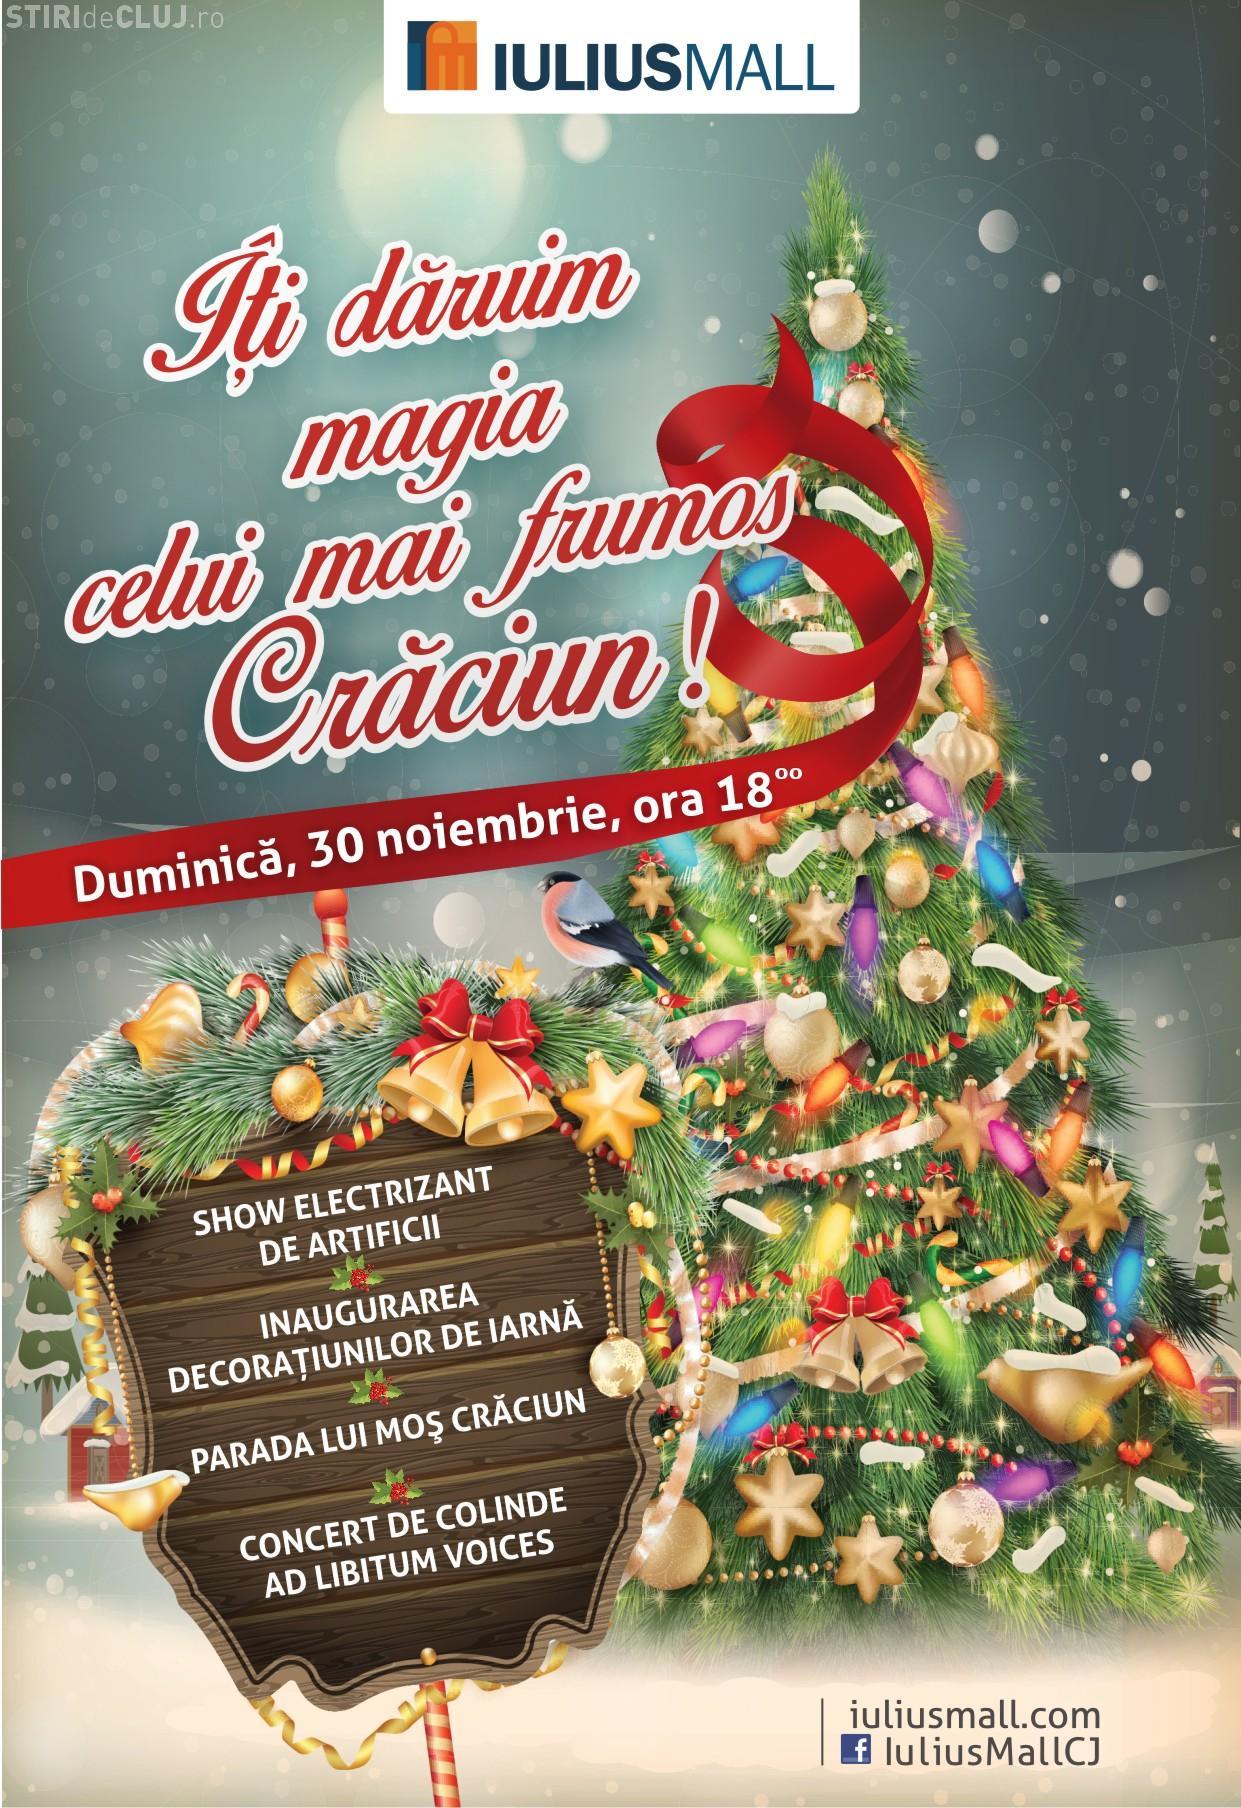 Moș Crăciun îi plimbă pe copii cu trenulețul la Iulius Mall. Vezi ce spectacole vor mai avea loc